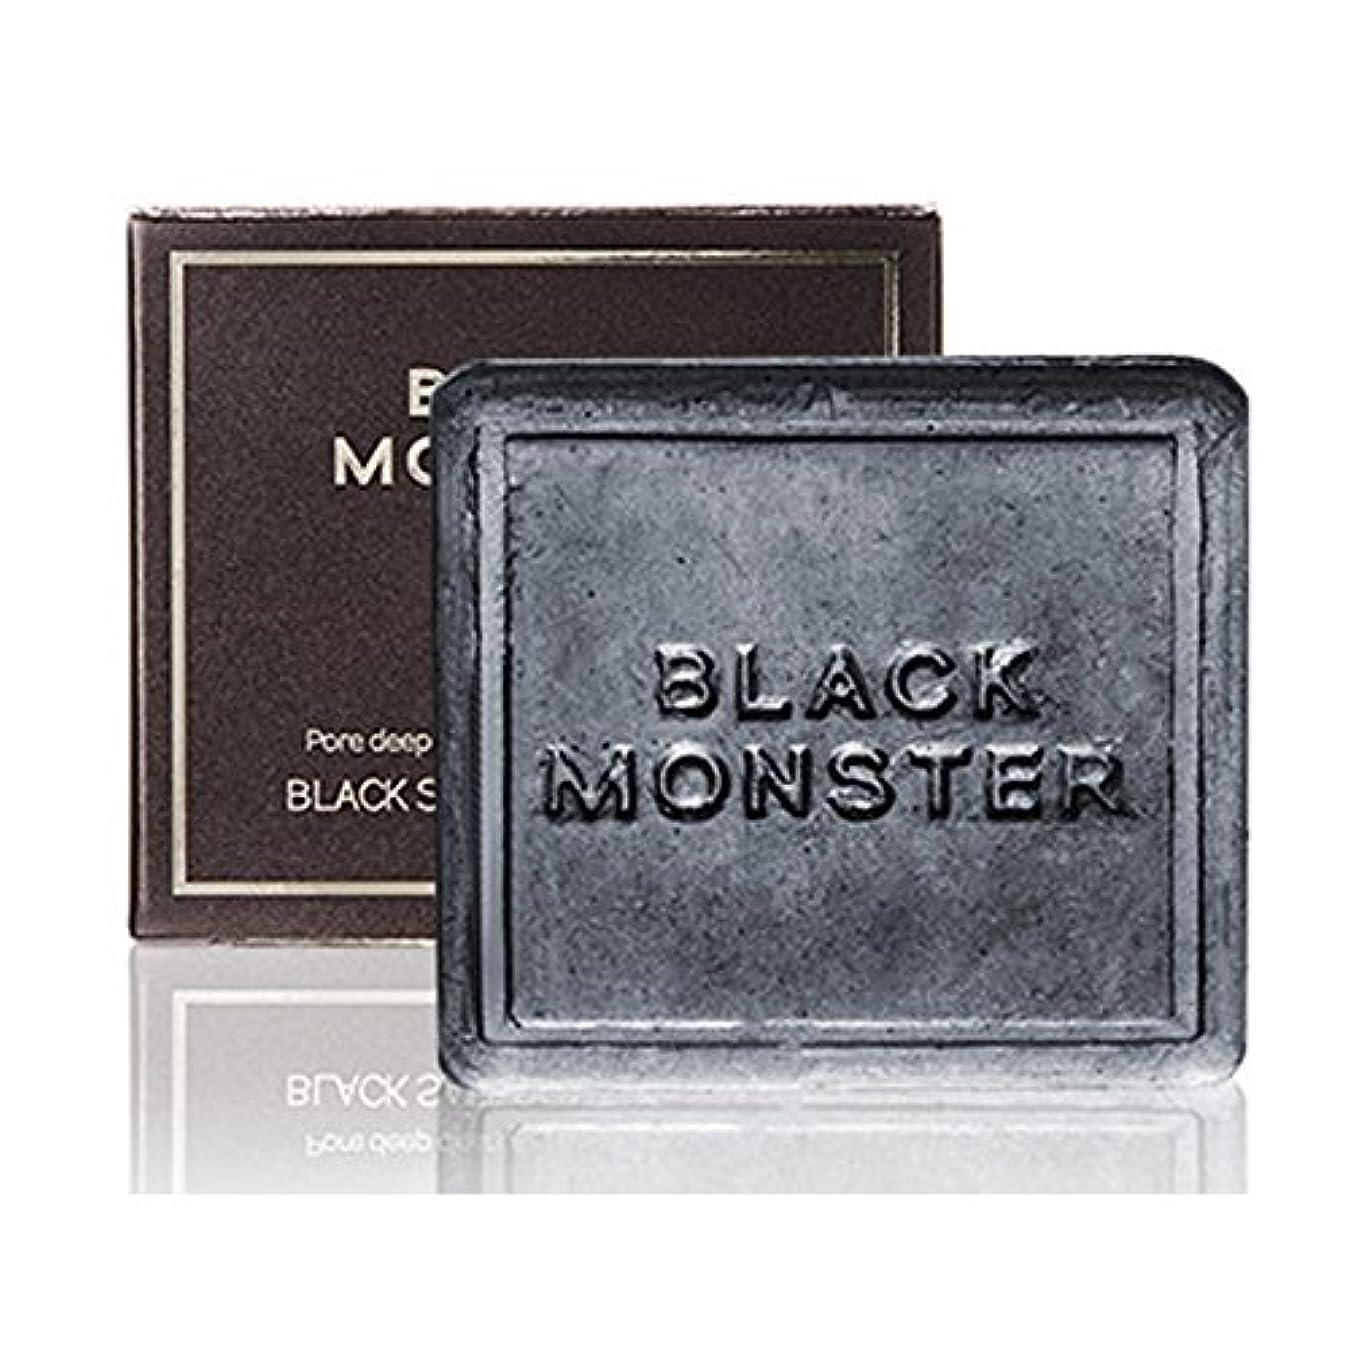 ピクニックをする約束する熱心[ブレンクTV] blanktv Black Monster ブラックソルトコントロールバー 120g 海外直送品 black salt control bar [並行輸入品]